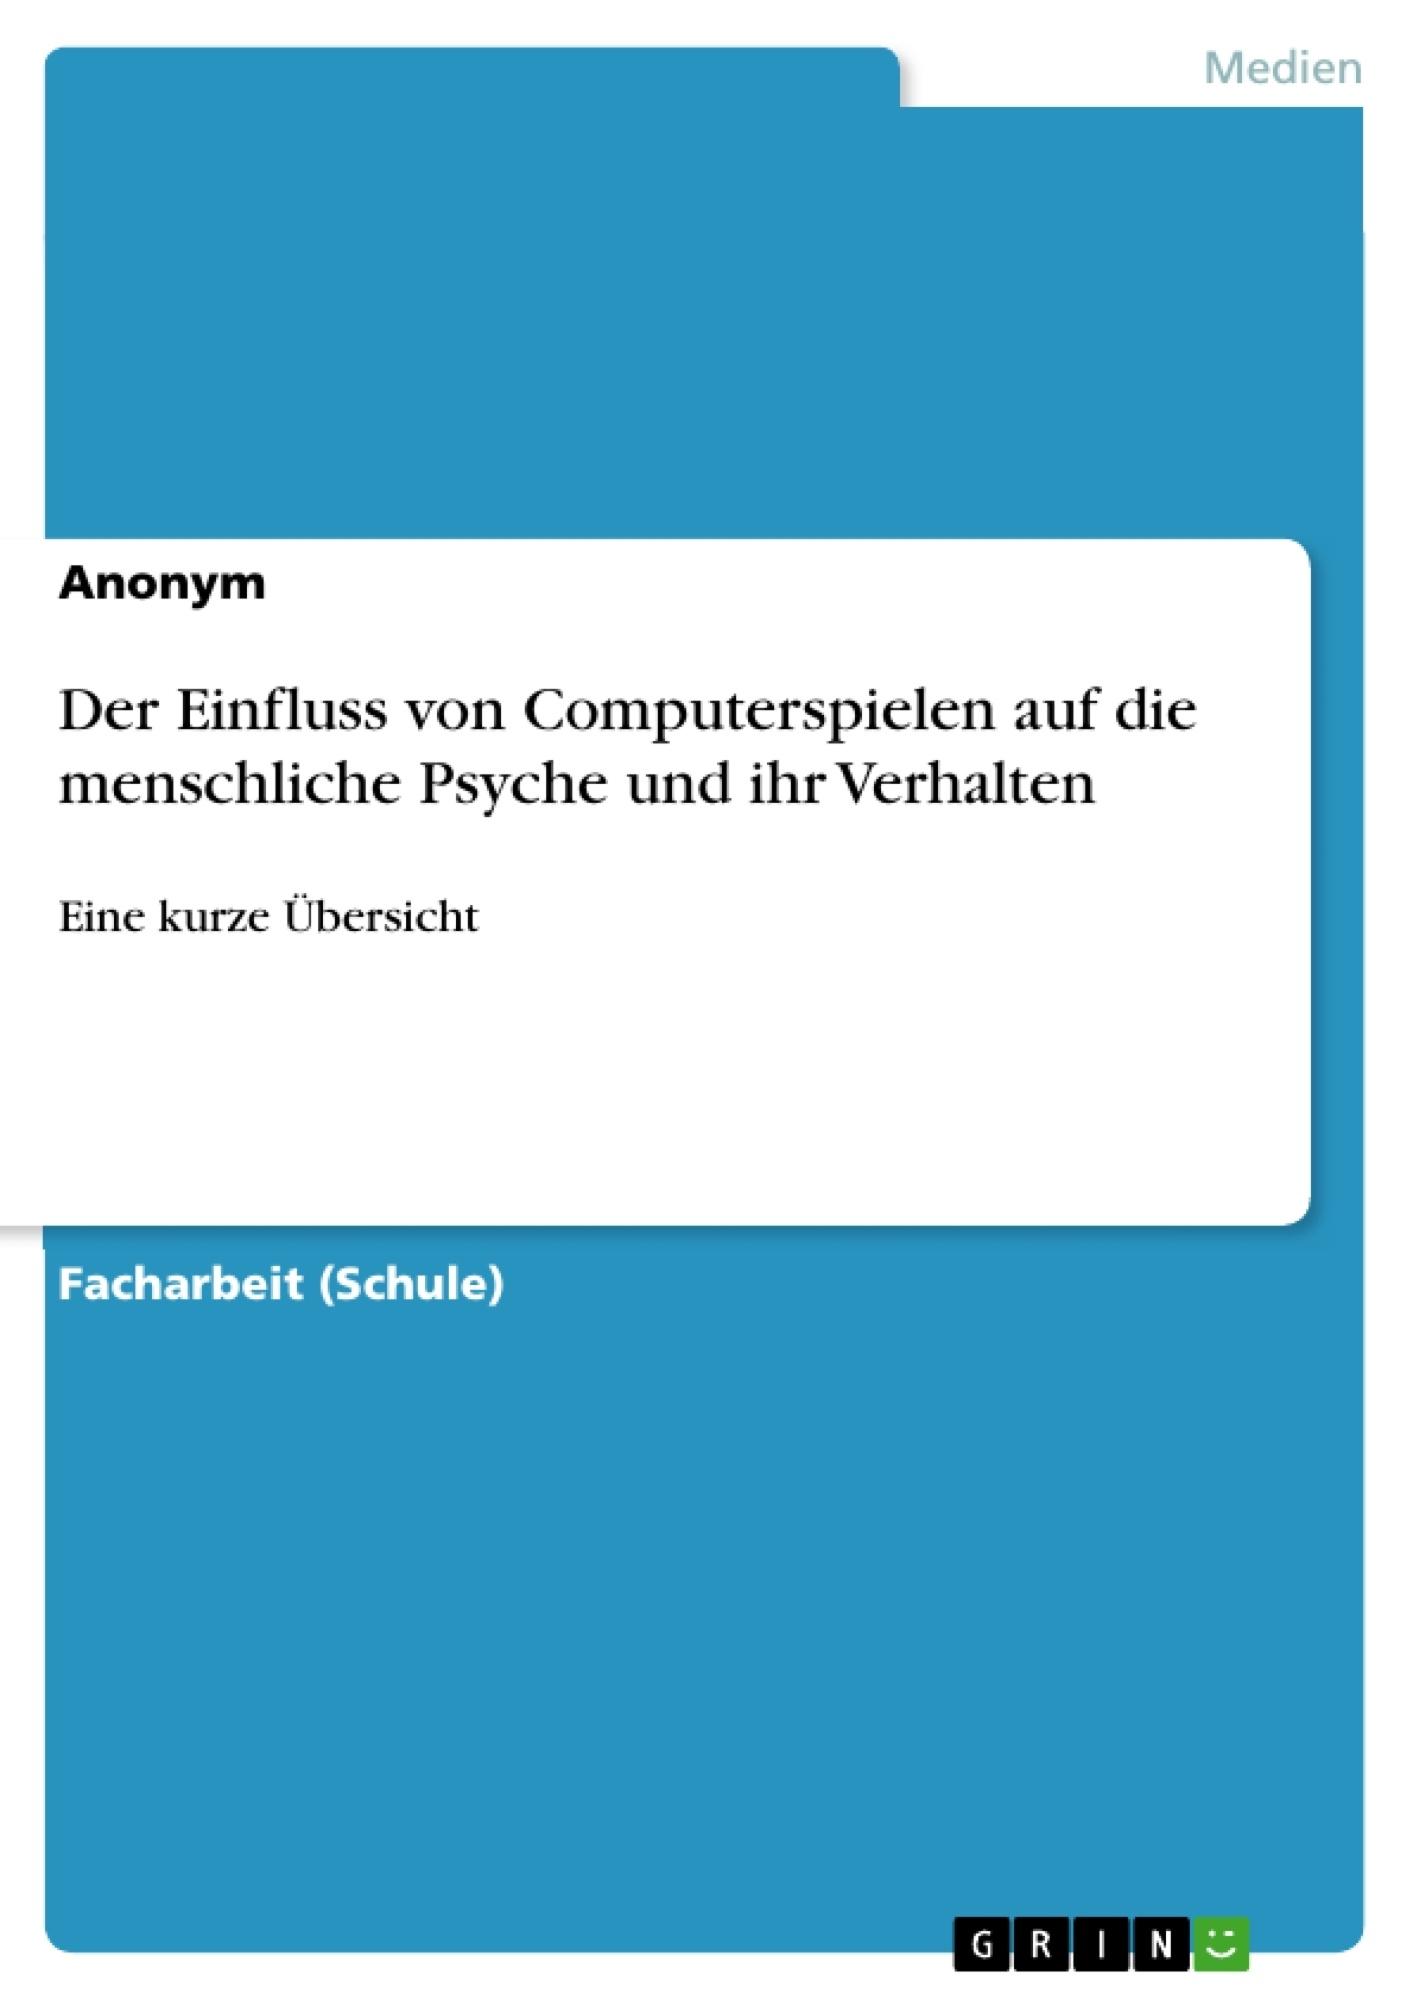 Titel: Der Einfluss von Computerspielen auf die menschliche Psyche und ihr Verhalten